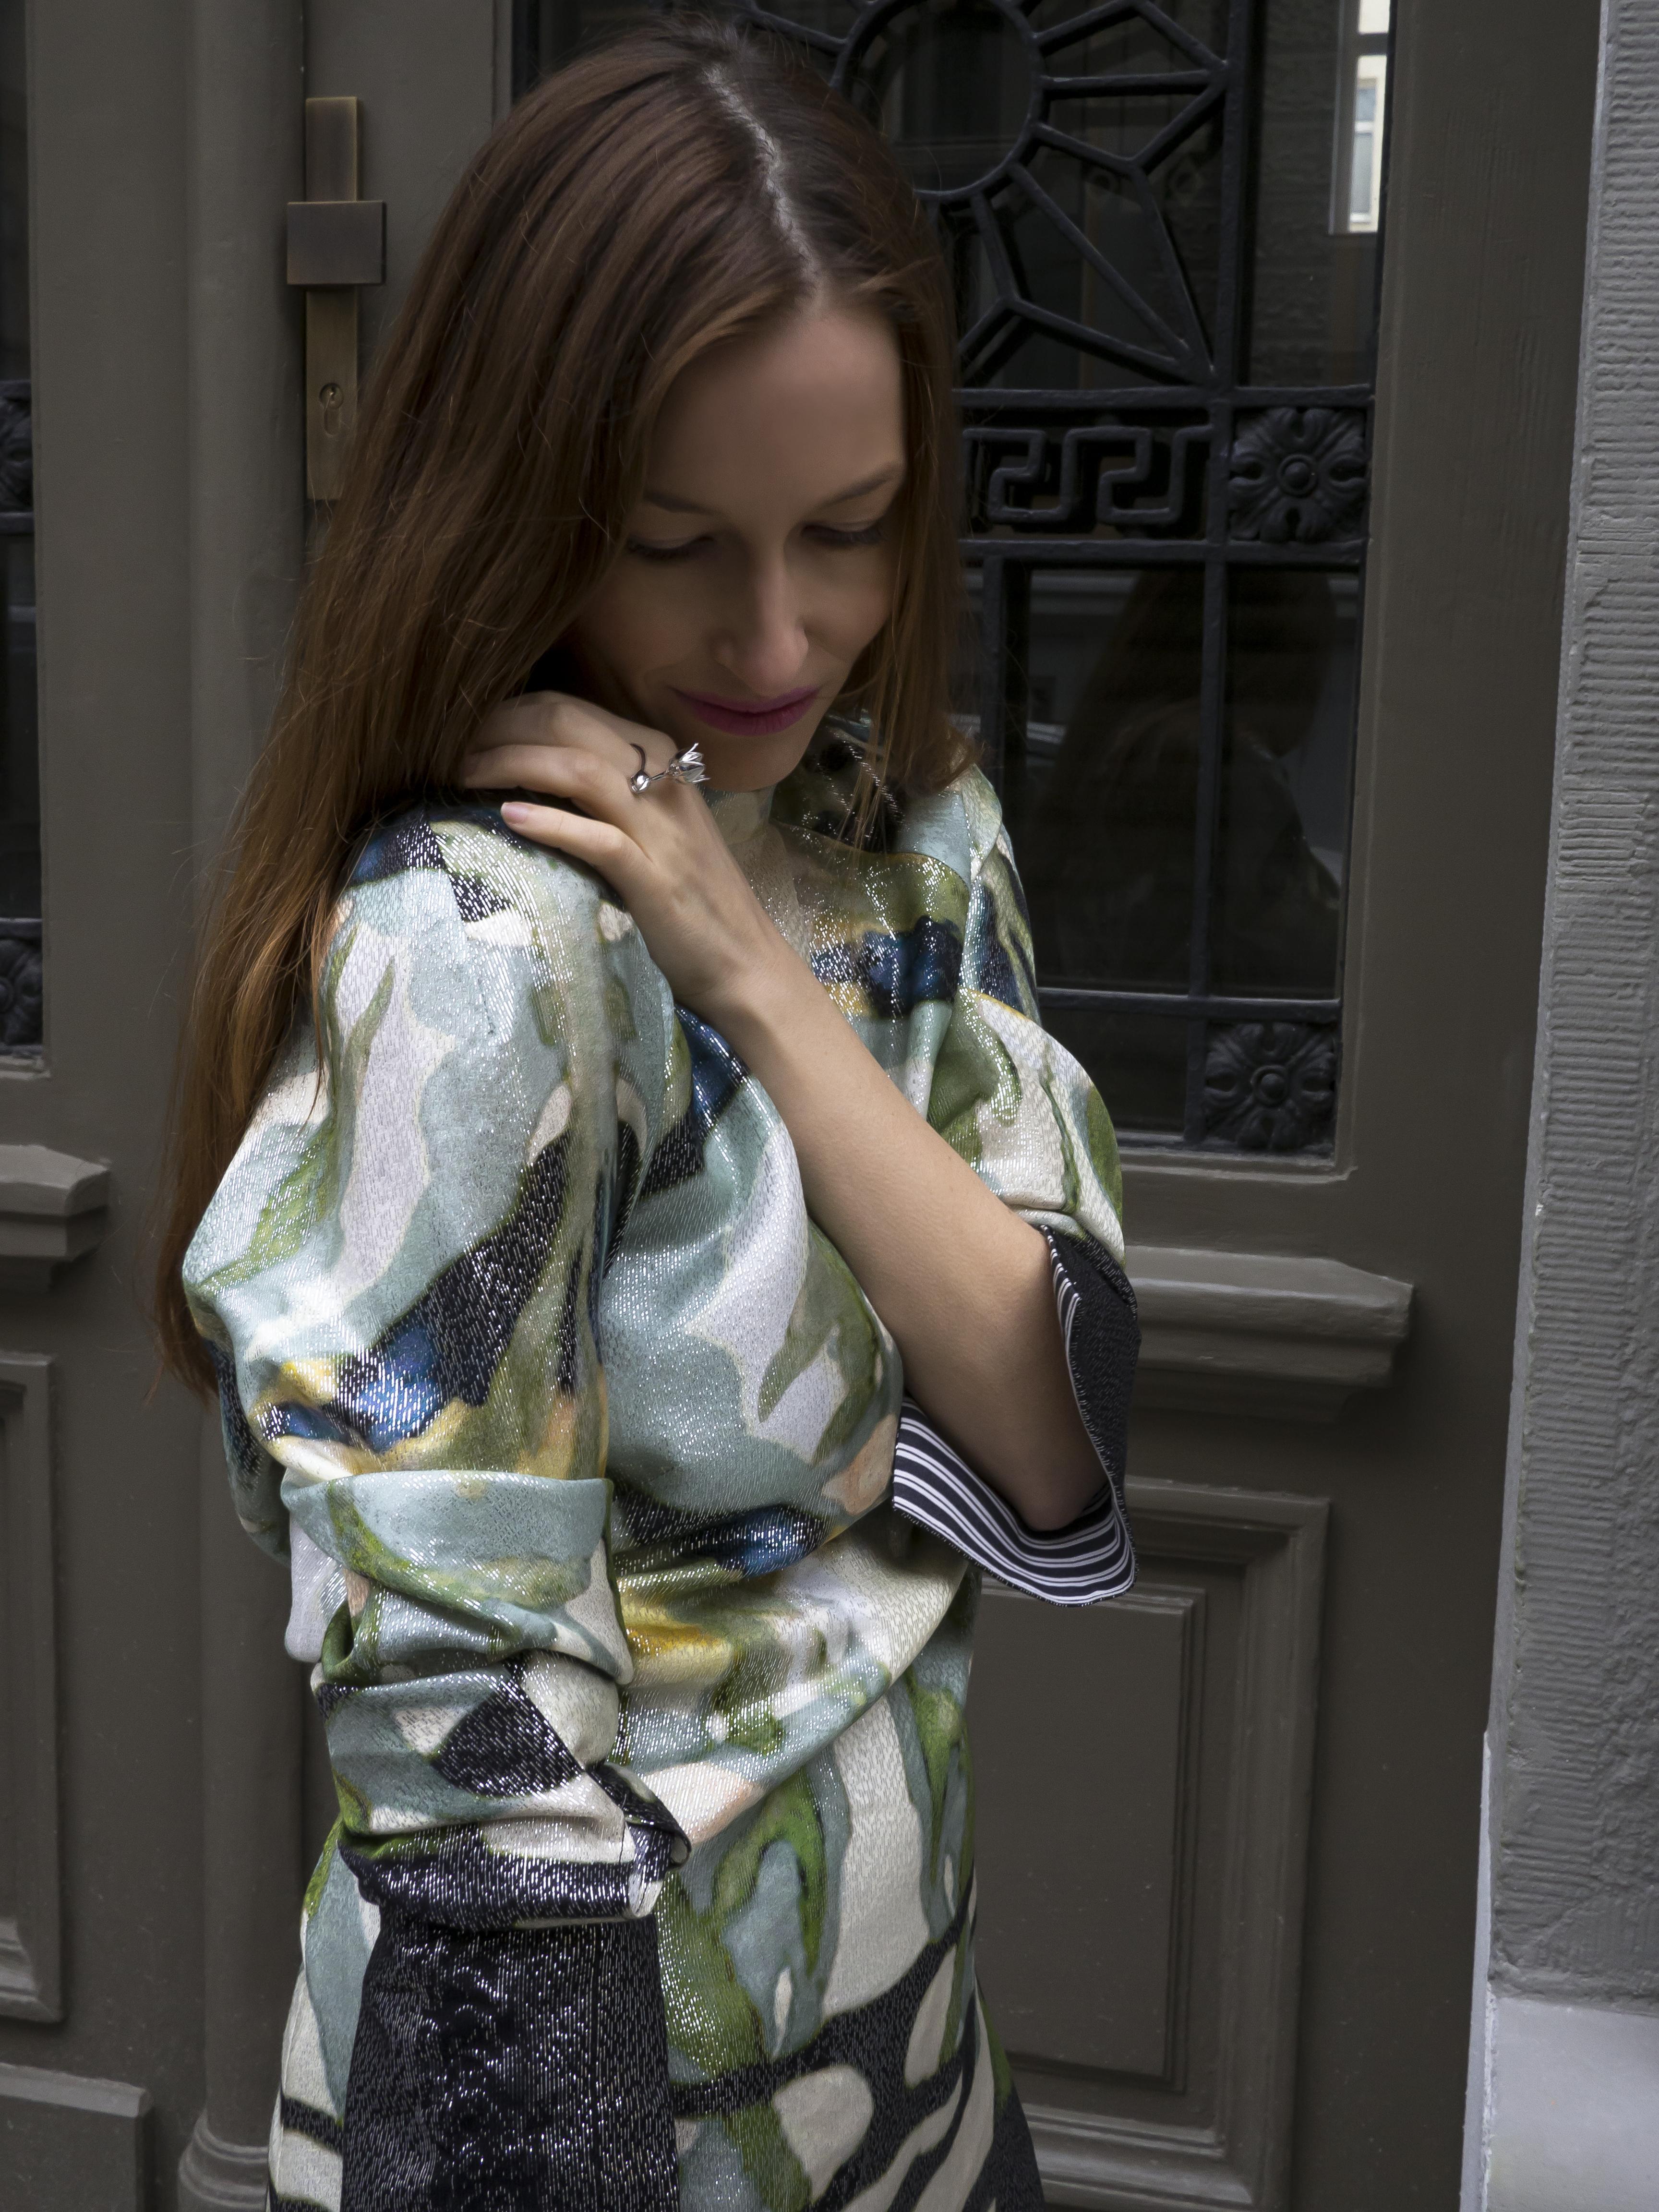 Recyklovaná móda - Monika Filipová fashion stylist kouč